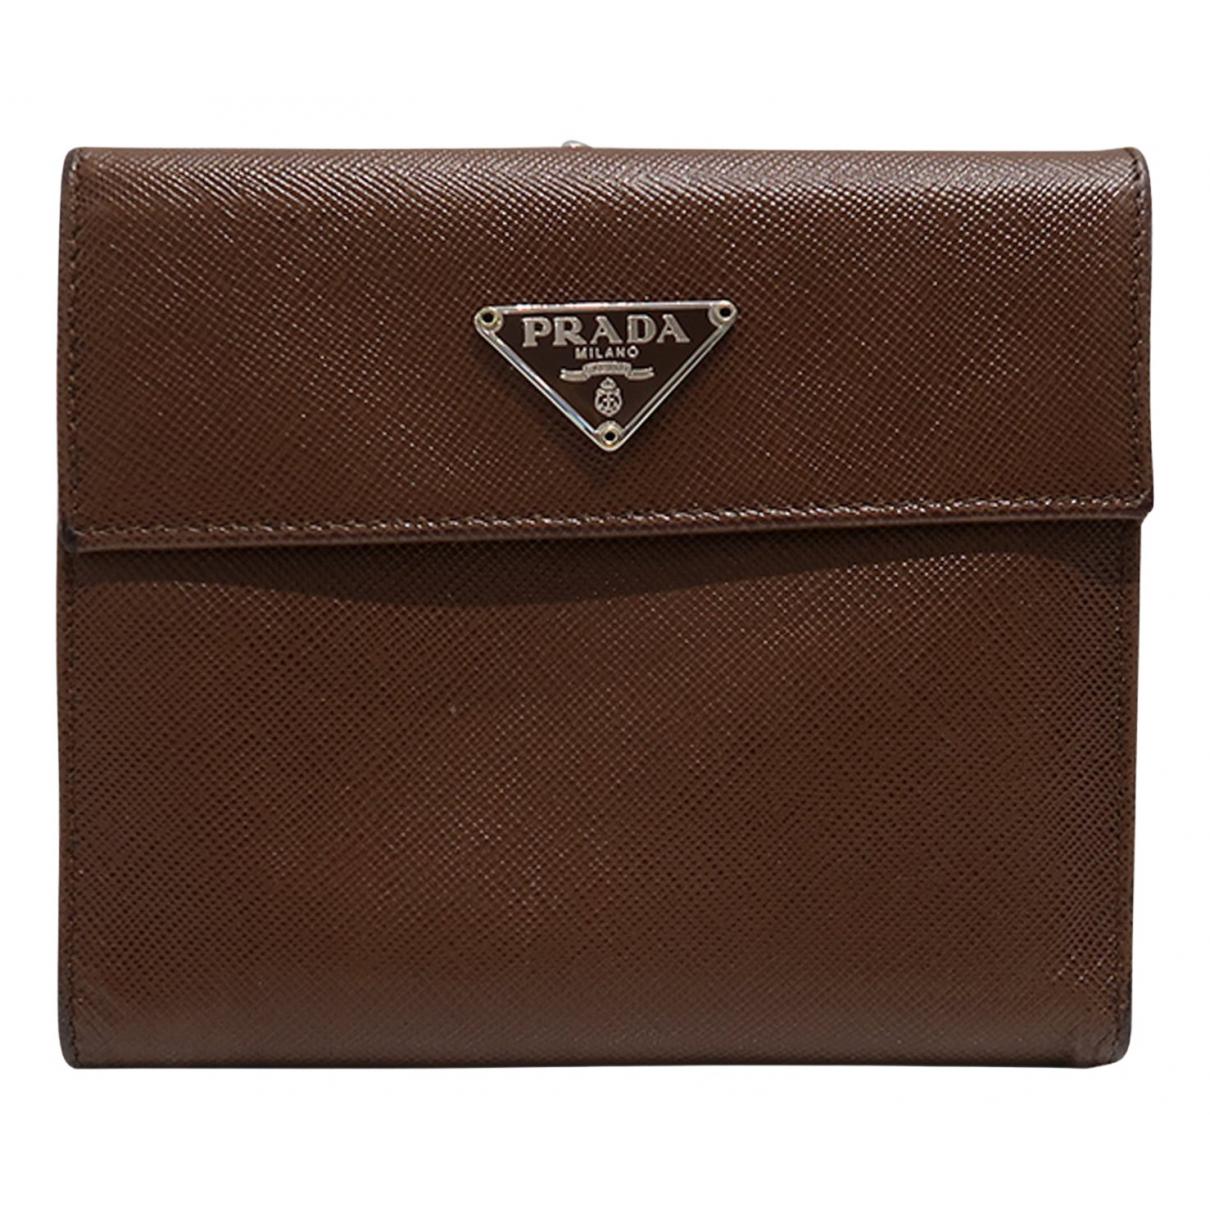 Prada - Portefeuille   pour femme en cuir - marron